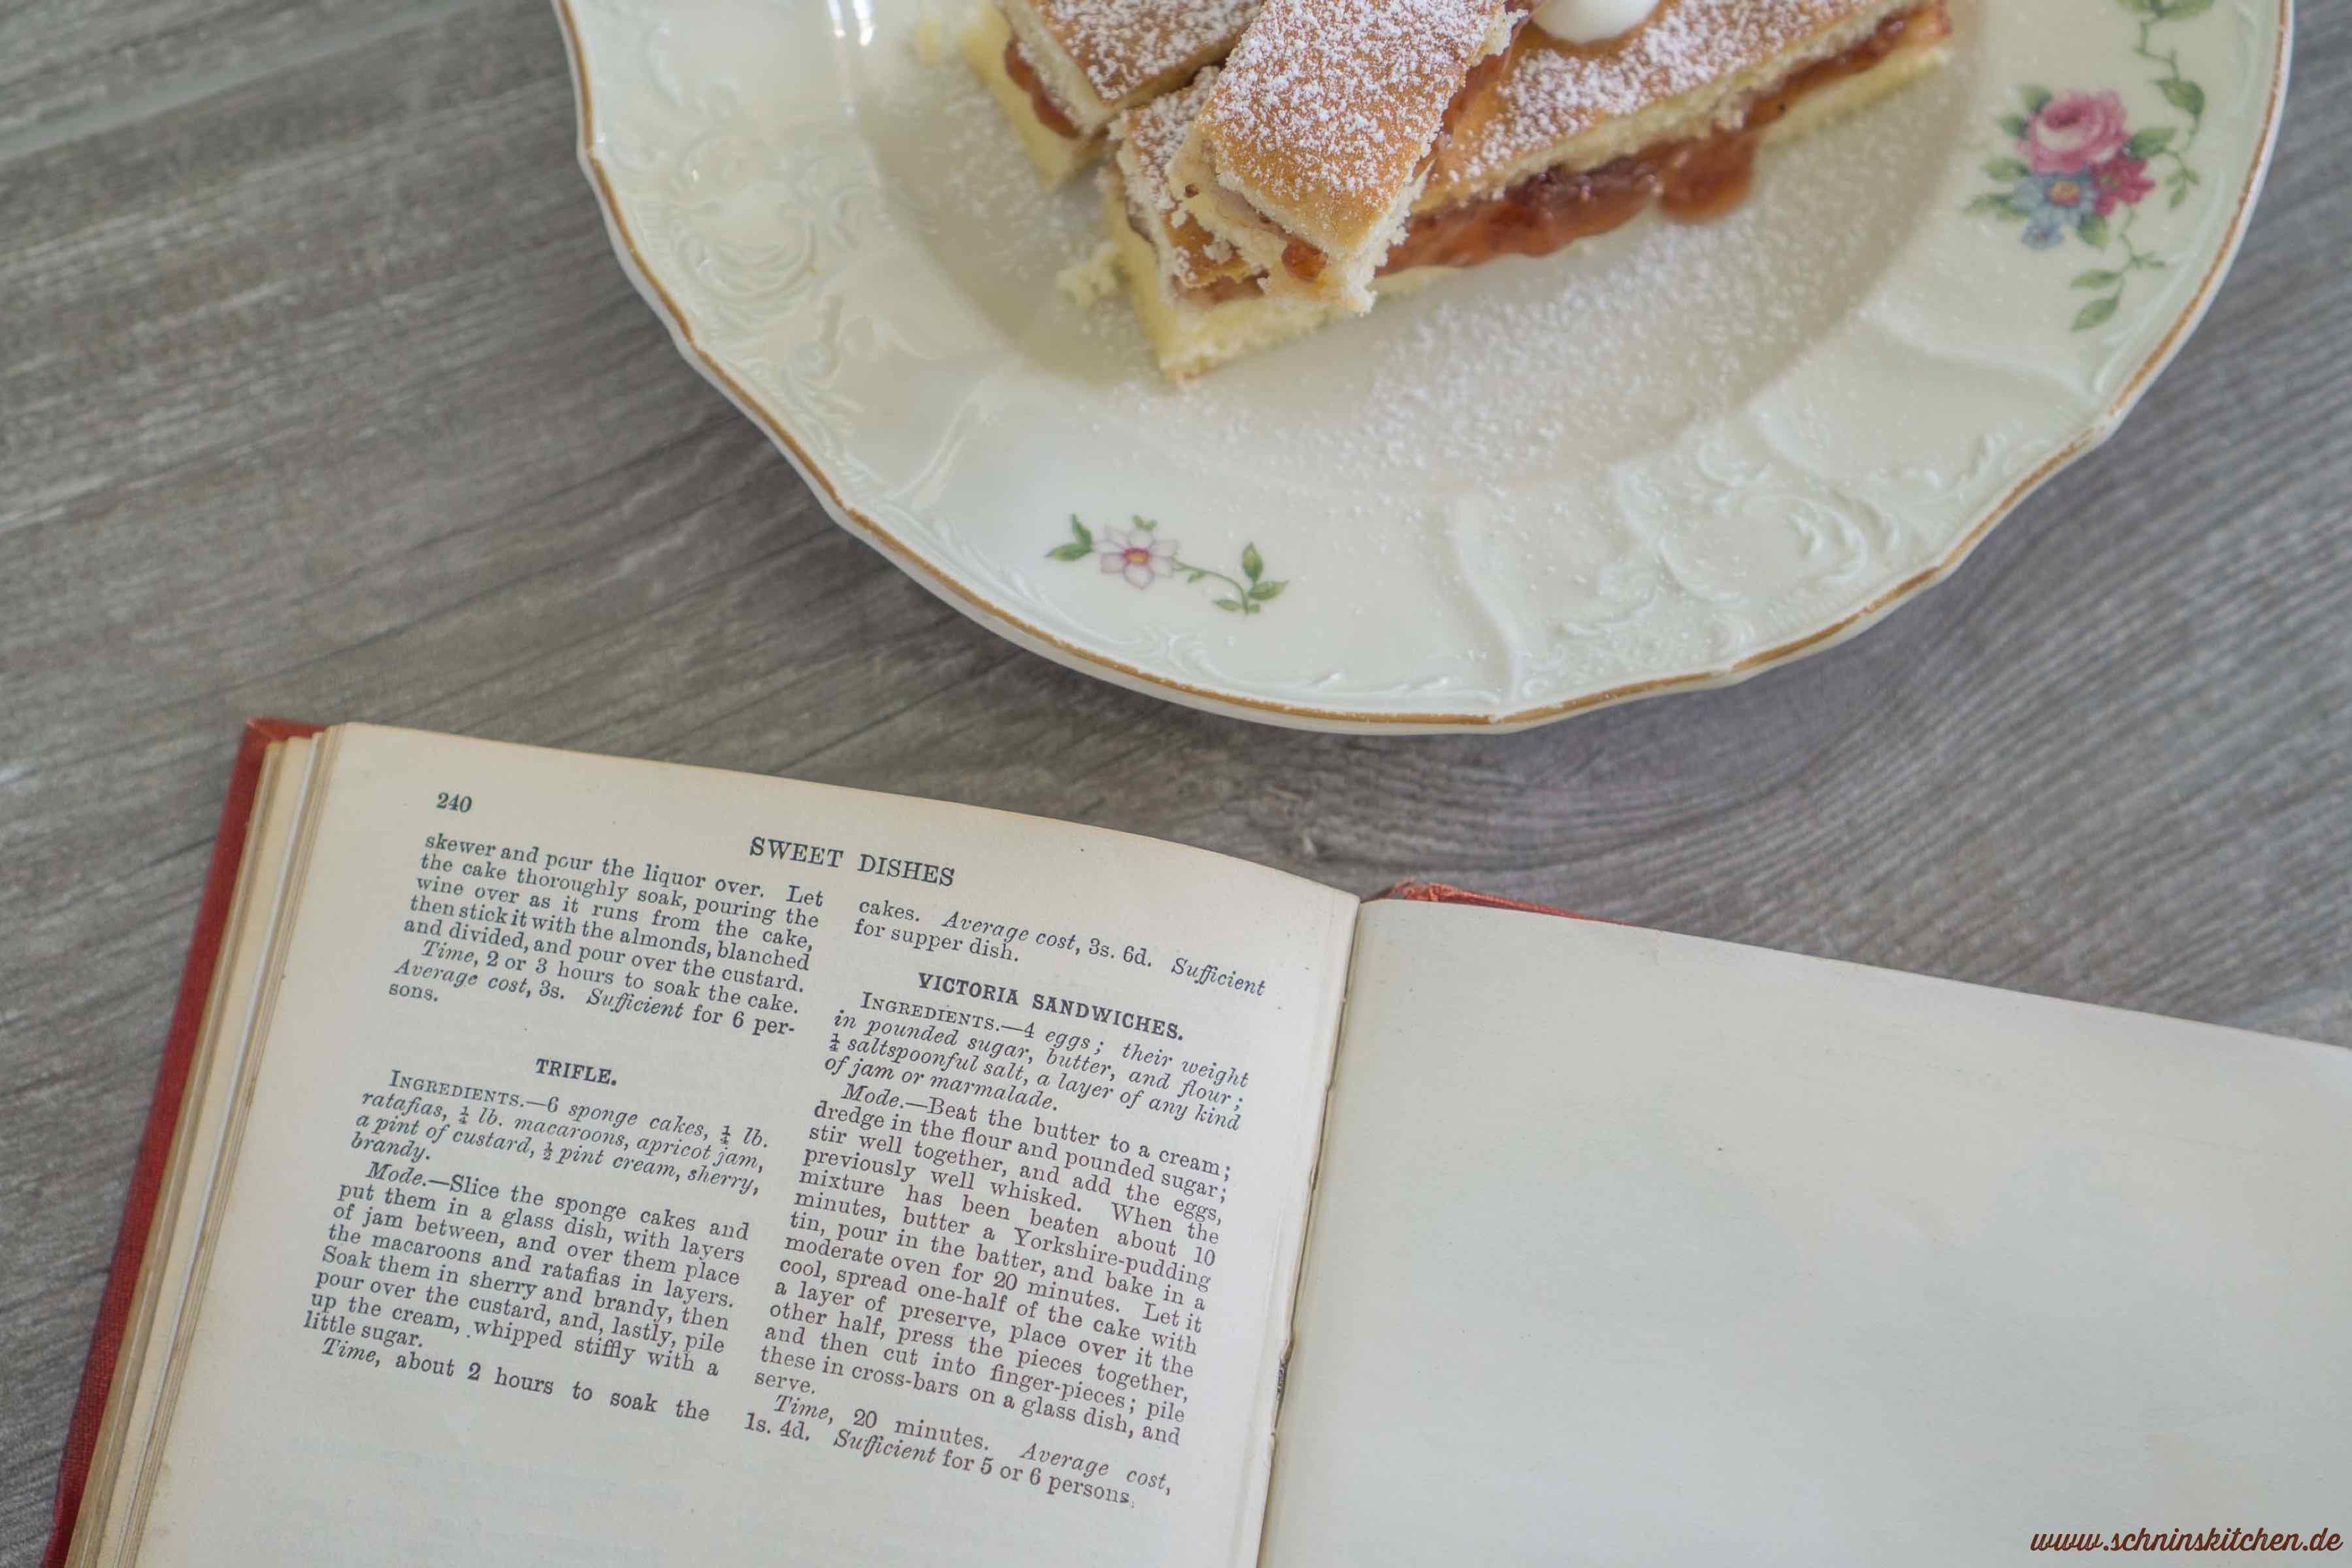 Victoria Sandwiches - Originalrezept aus dem 18. Jahrhundert für Victoria Sponge Cake | www.schninskitchen.de